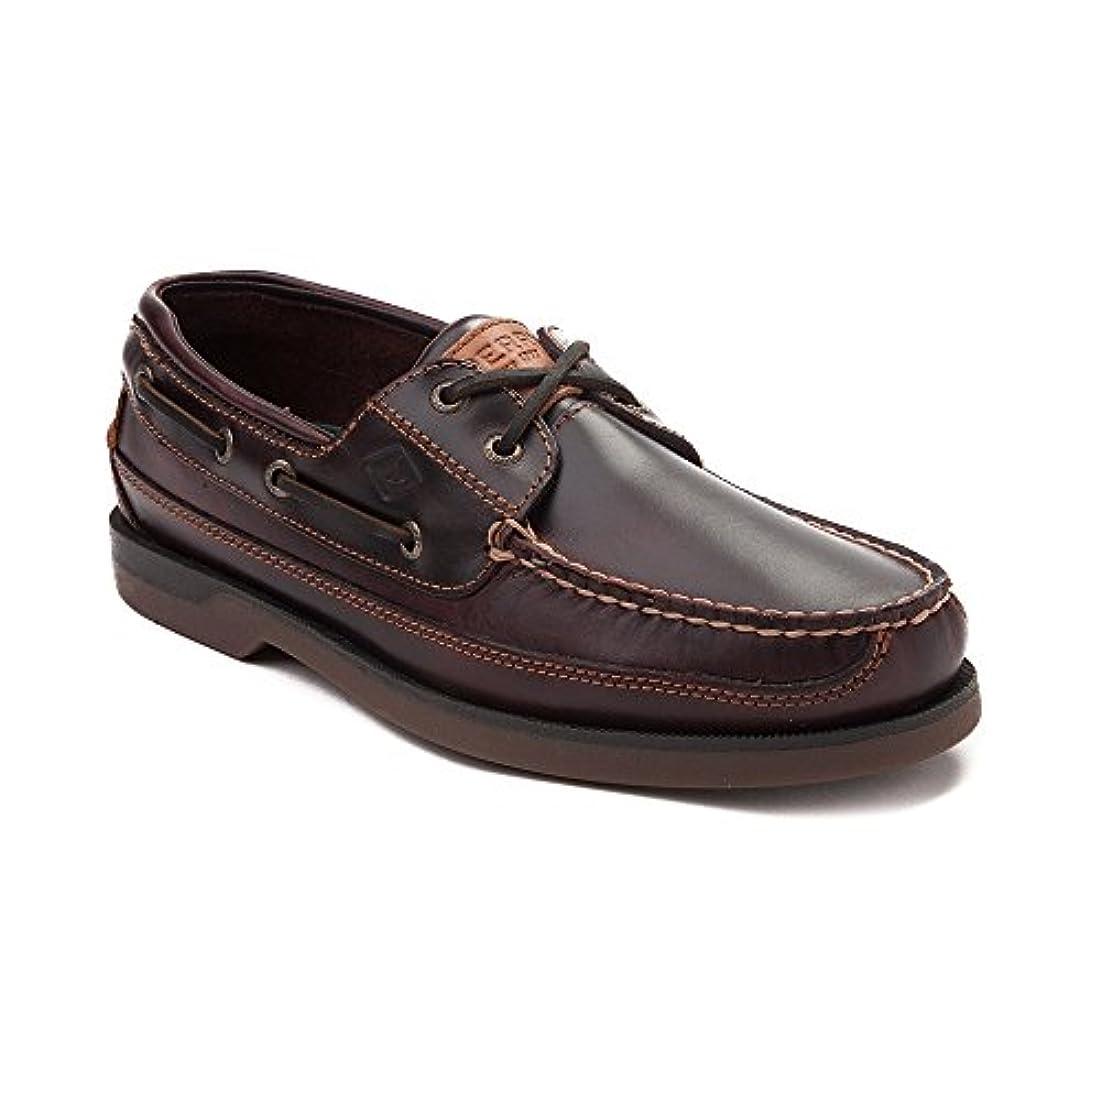 レギュラー罪人幽霊[SPERRY TOPSIDER(スペリートップサイダー)] 靴?シューズ メンズボートシューズ Mens Sperry Top-Sider Mako Boat Shoe ブラウン US 7.5 (25.5cm)